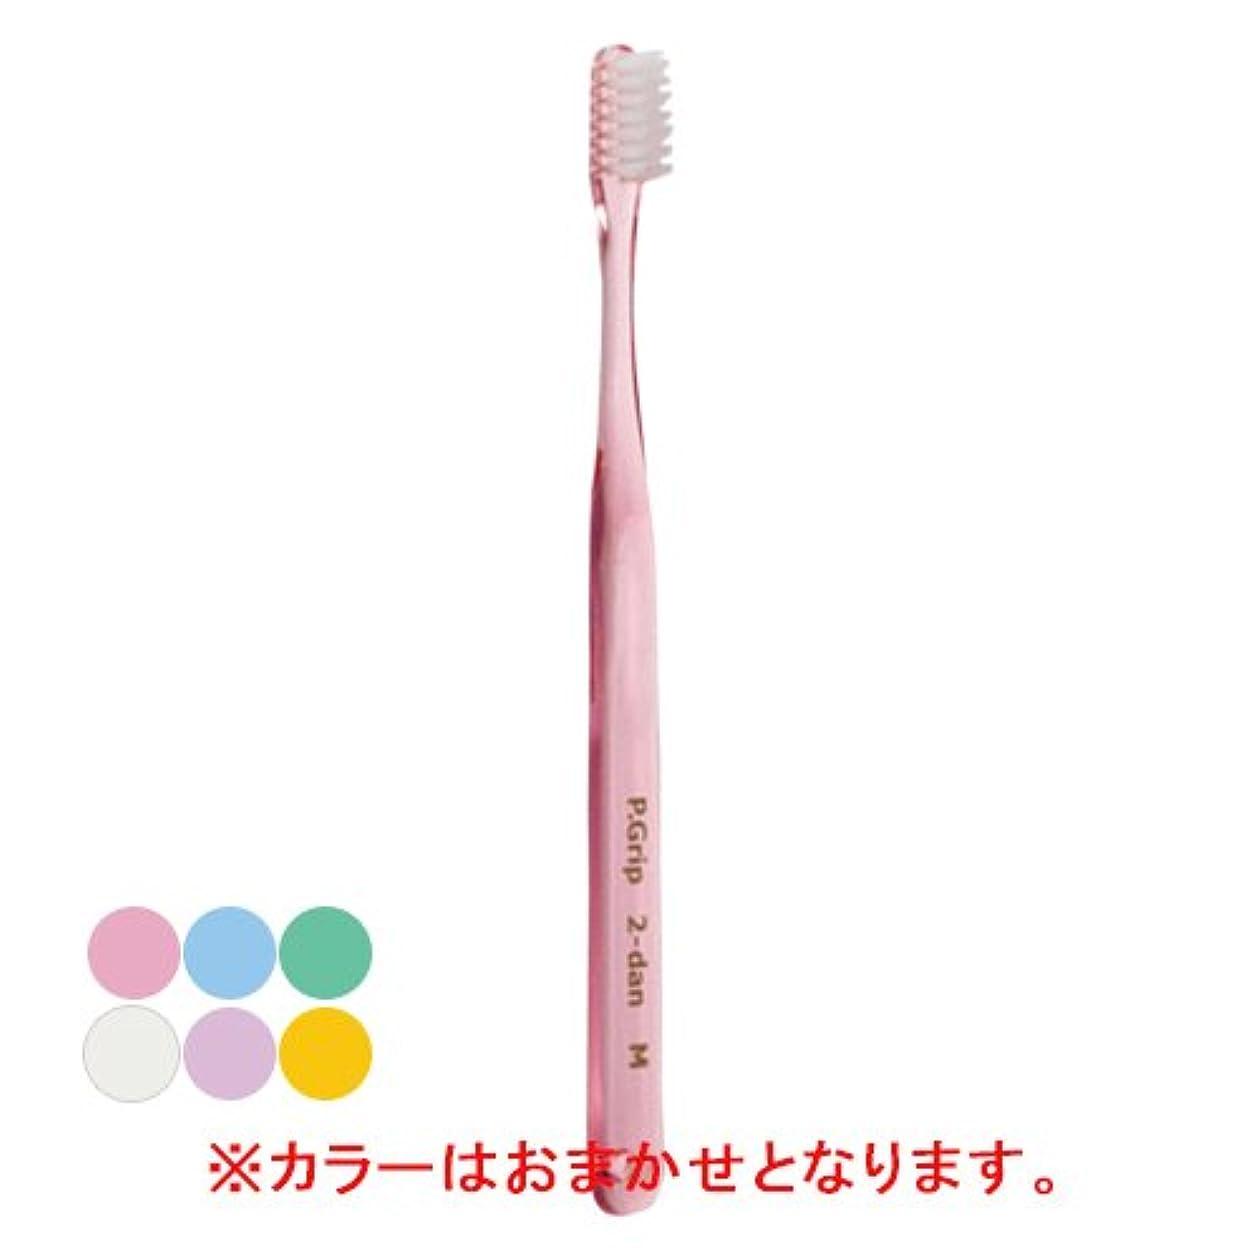 すずめ名誉あるバケツP.D.R.(ピーディーアール) P.Grip(ピーグリップ)歯ブラシ 二段植毛タイプ ミディアム(ふつう) 1本